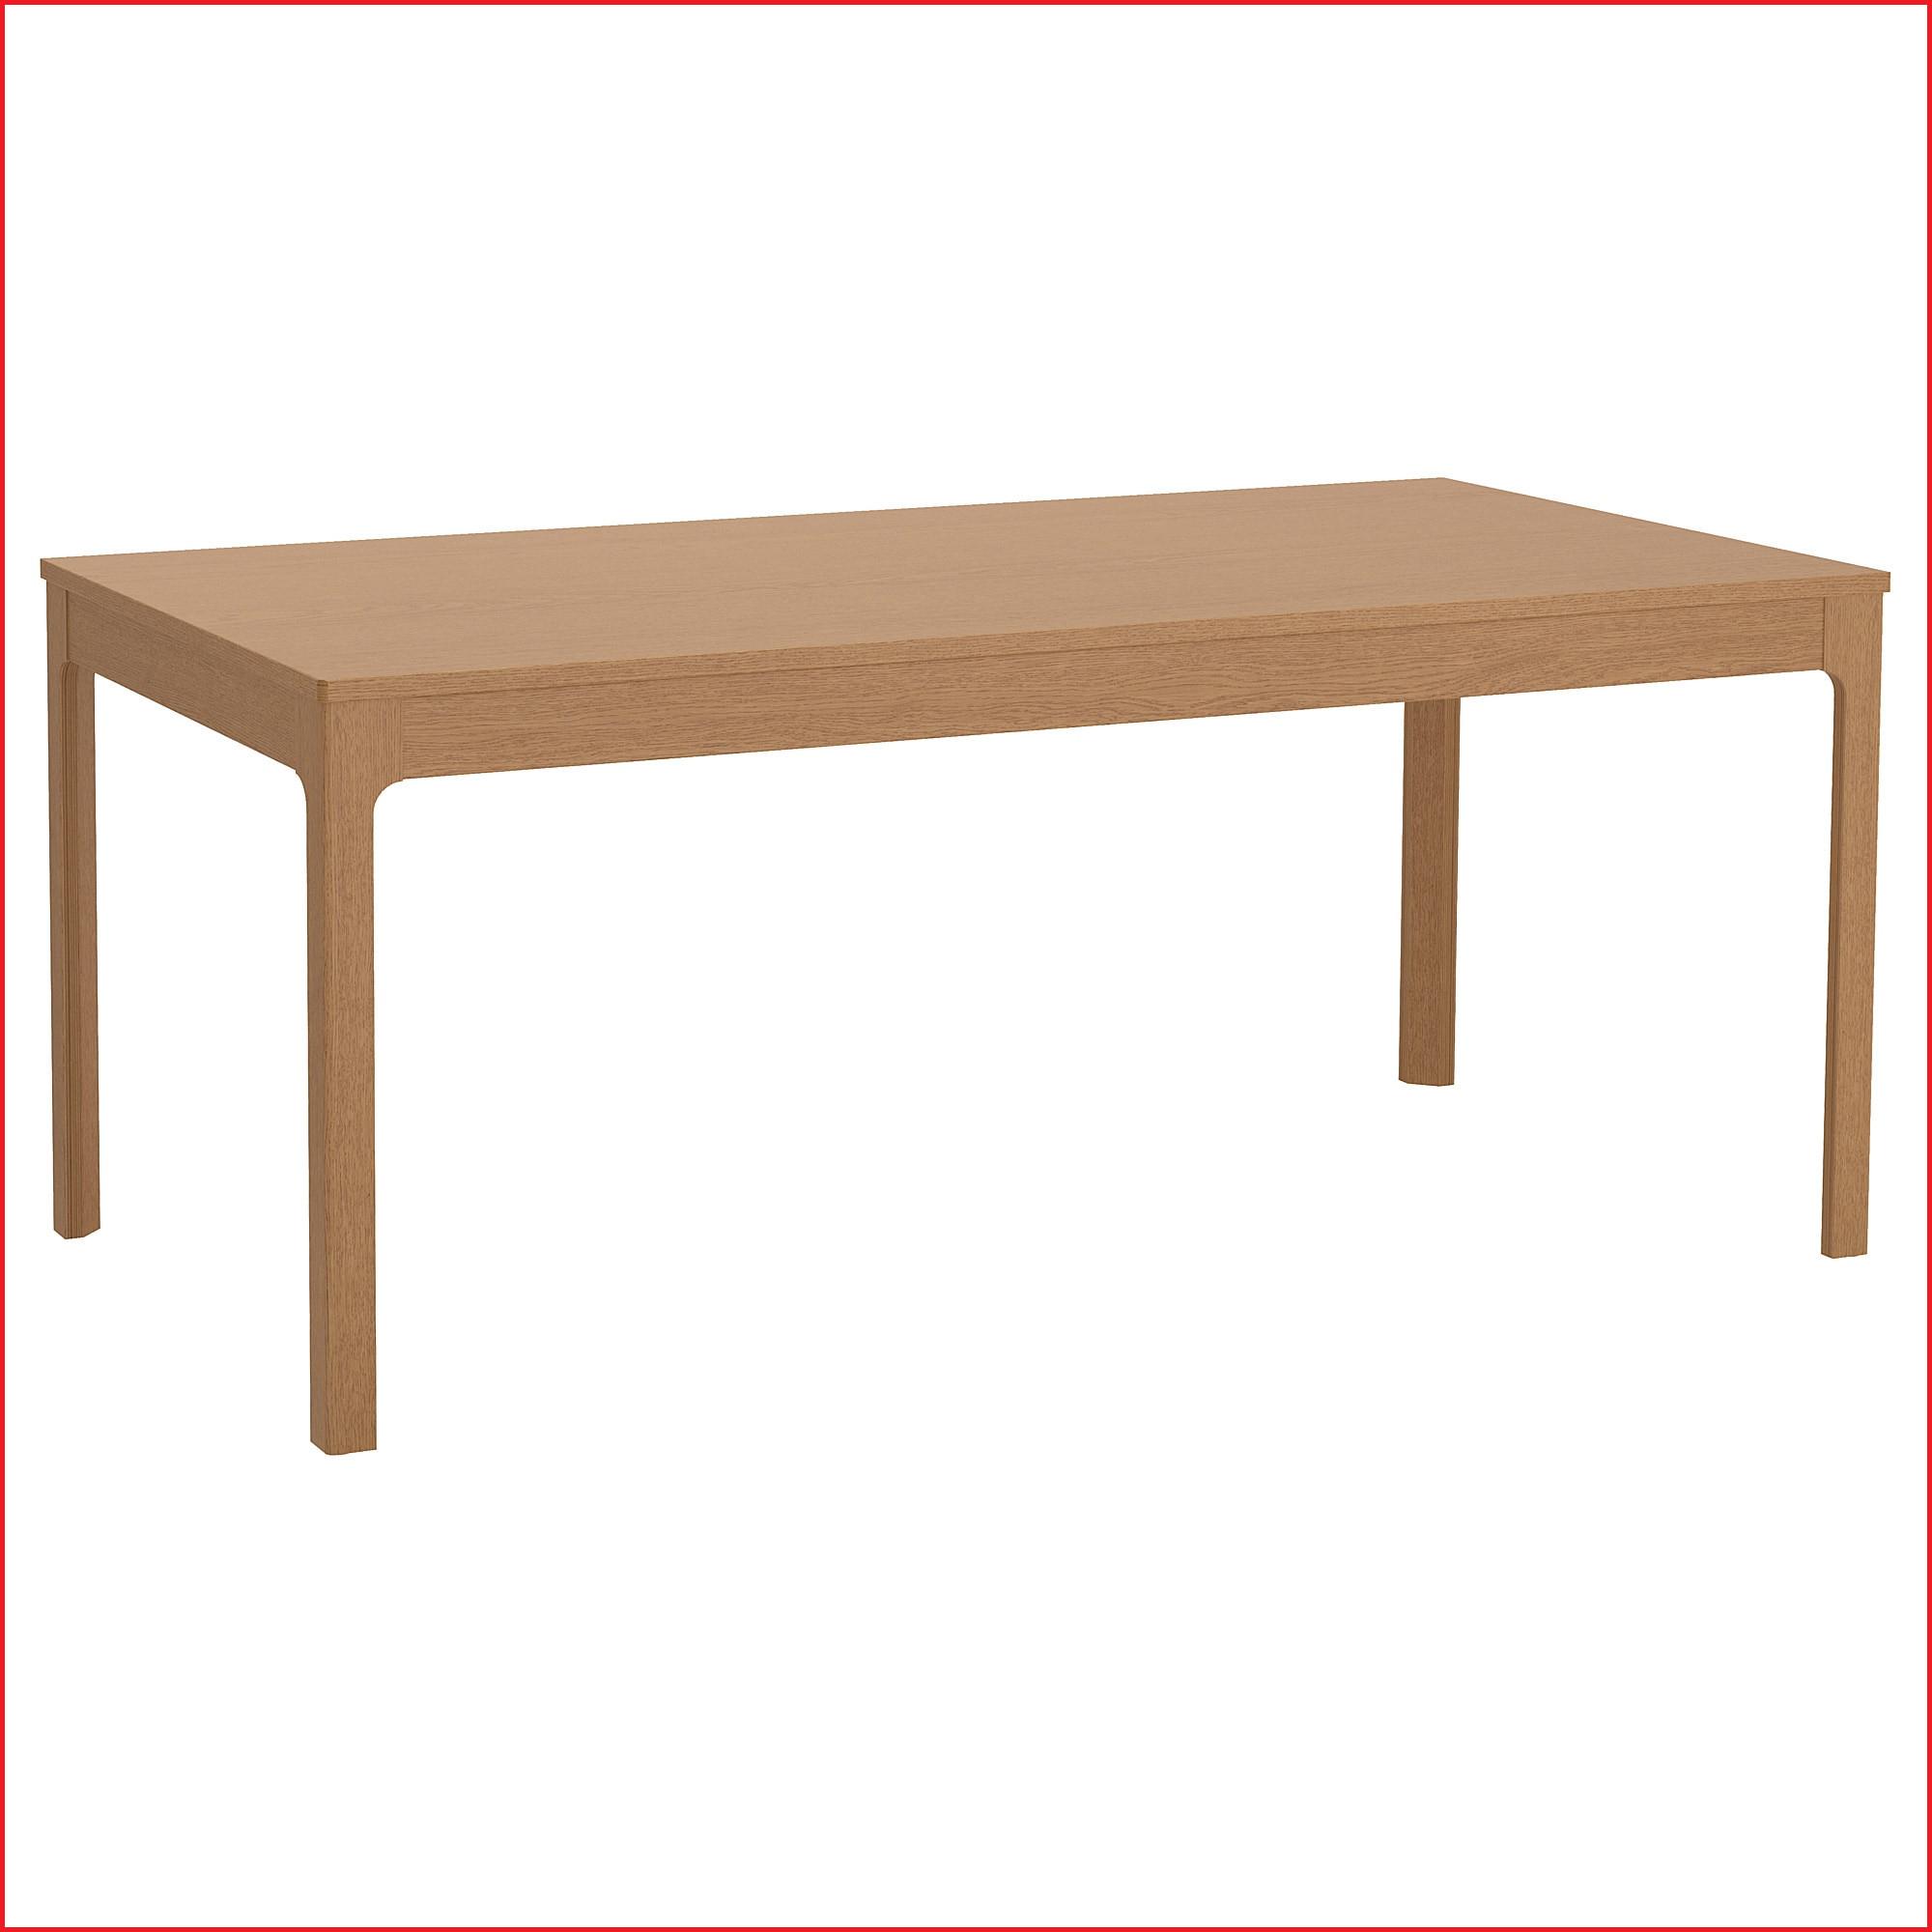 Mesas De Comedor Extensibles Ikea Kvdd Mesa Edor Extensible Ikea Ekedalen Mesa Extensible Roble